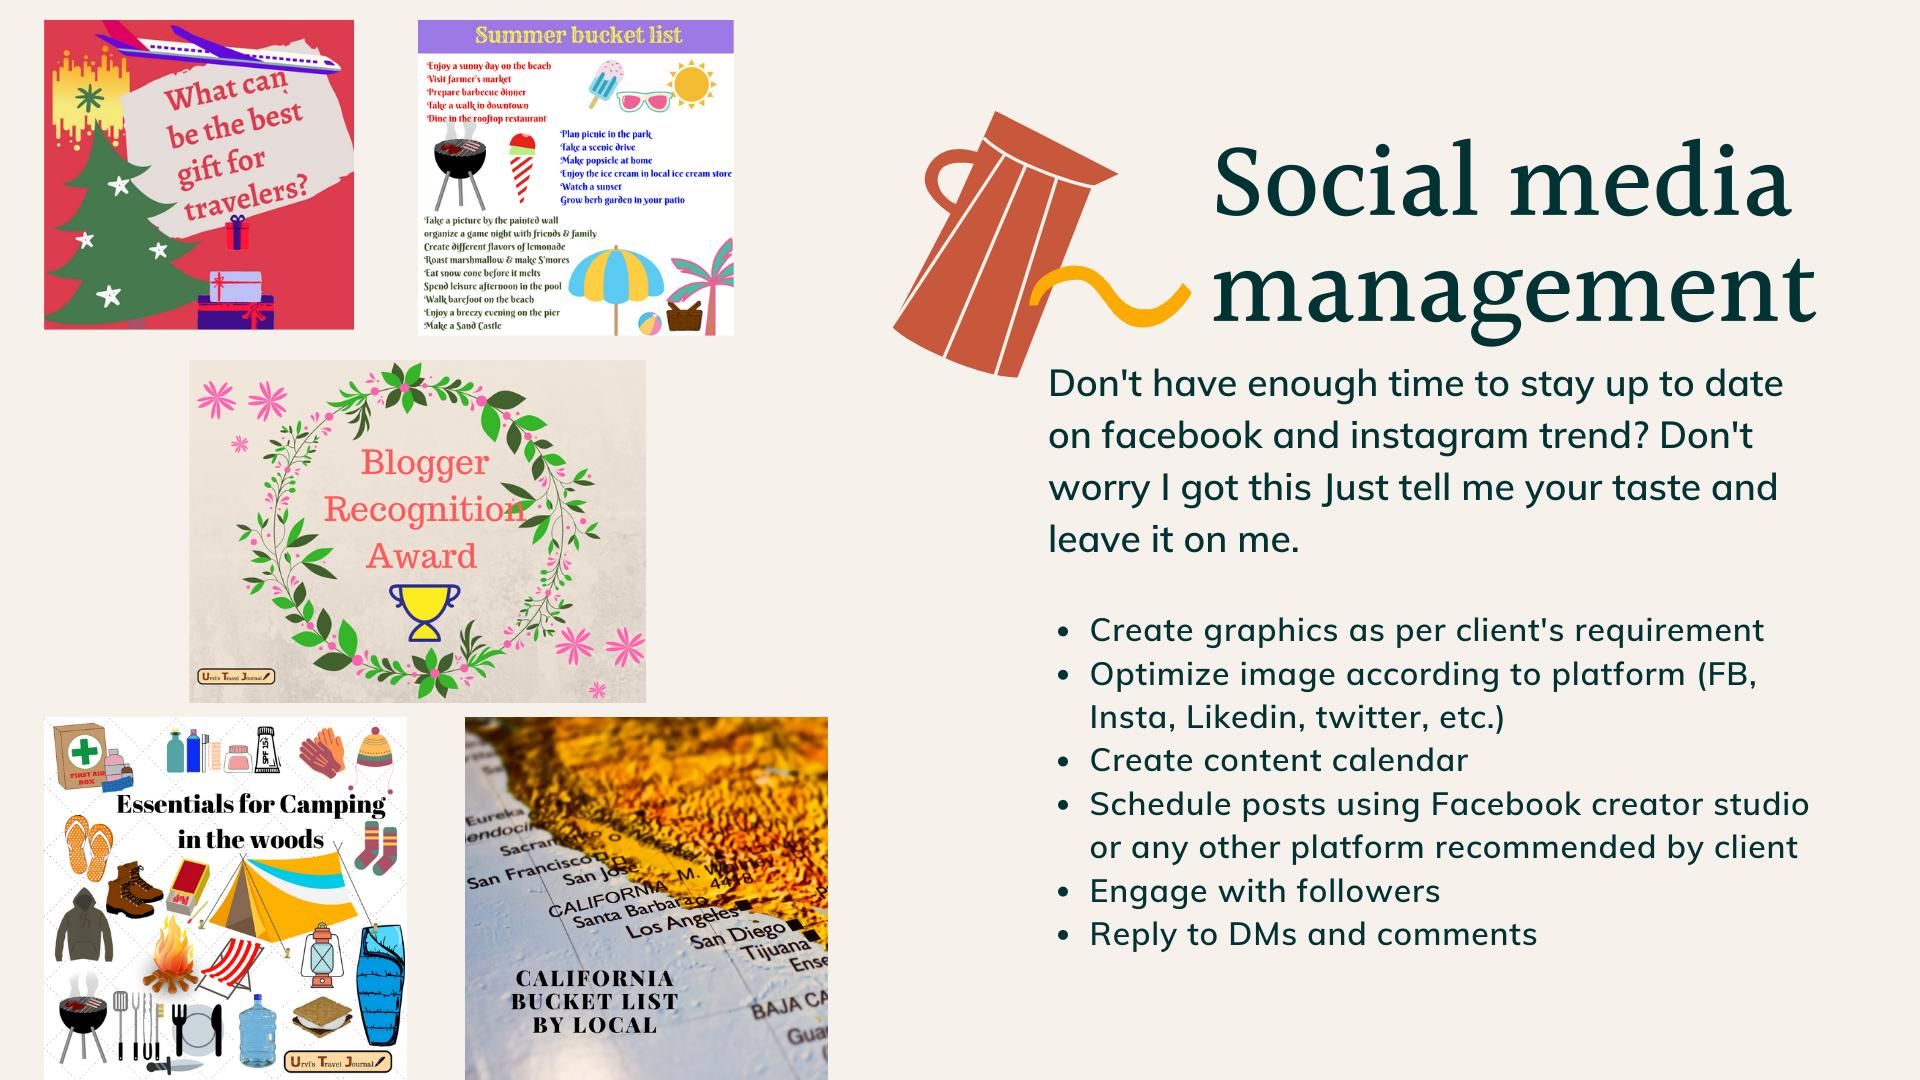 socila media management services including Instagram, Facebook and pinterest